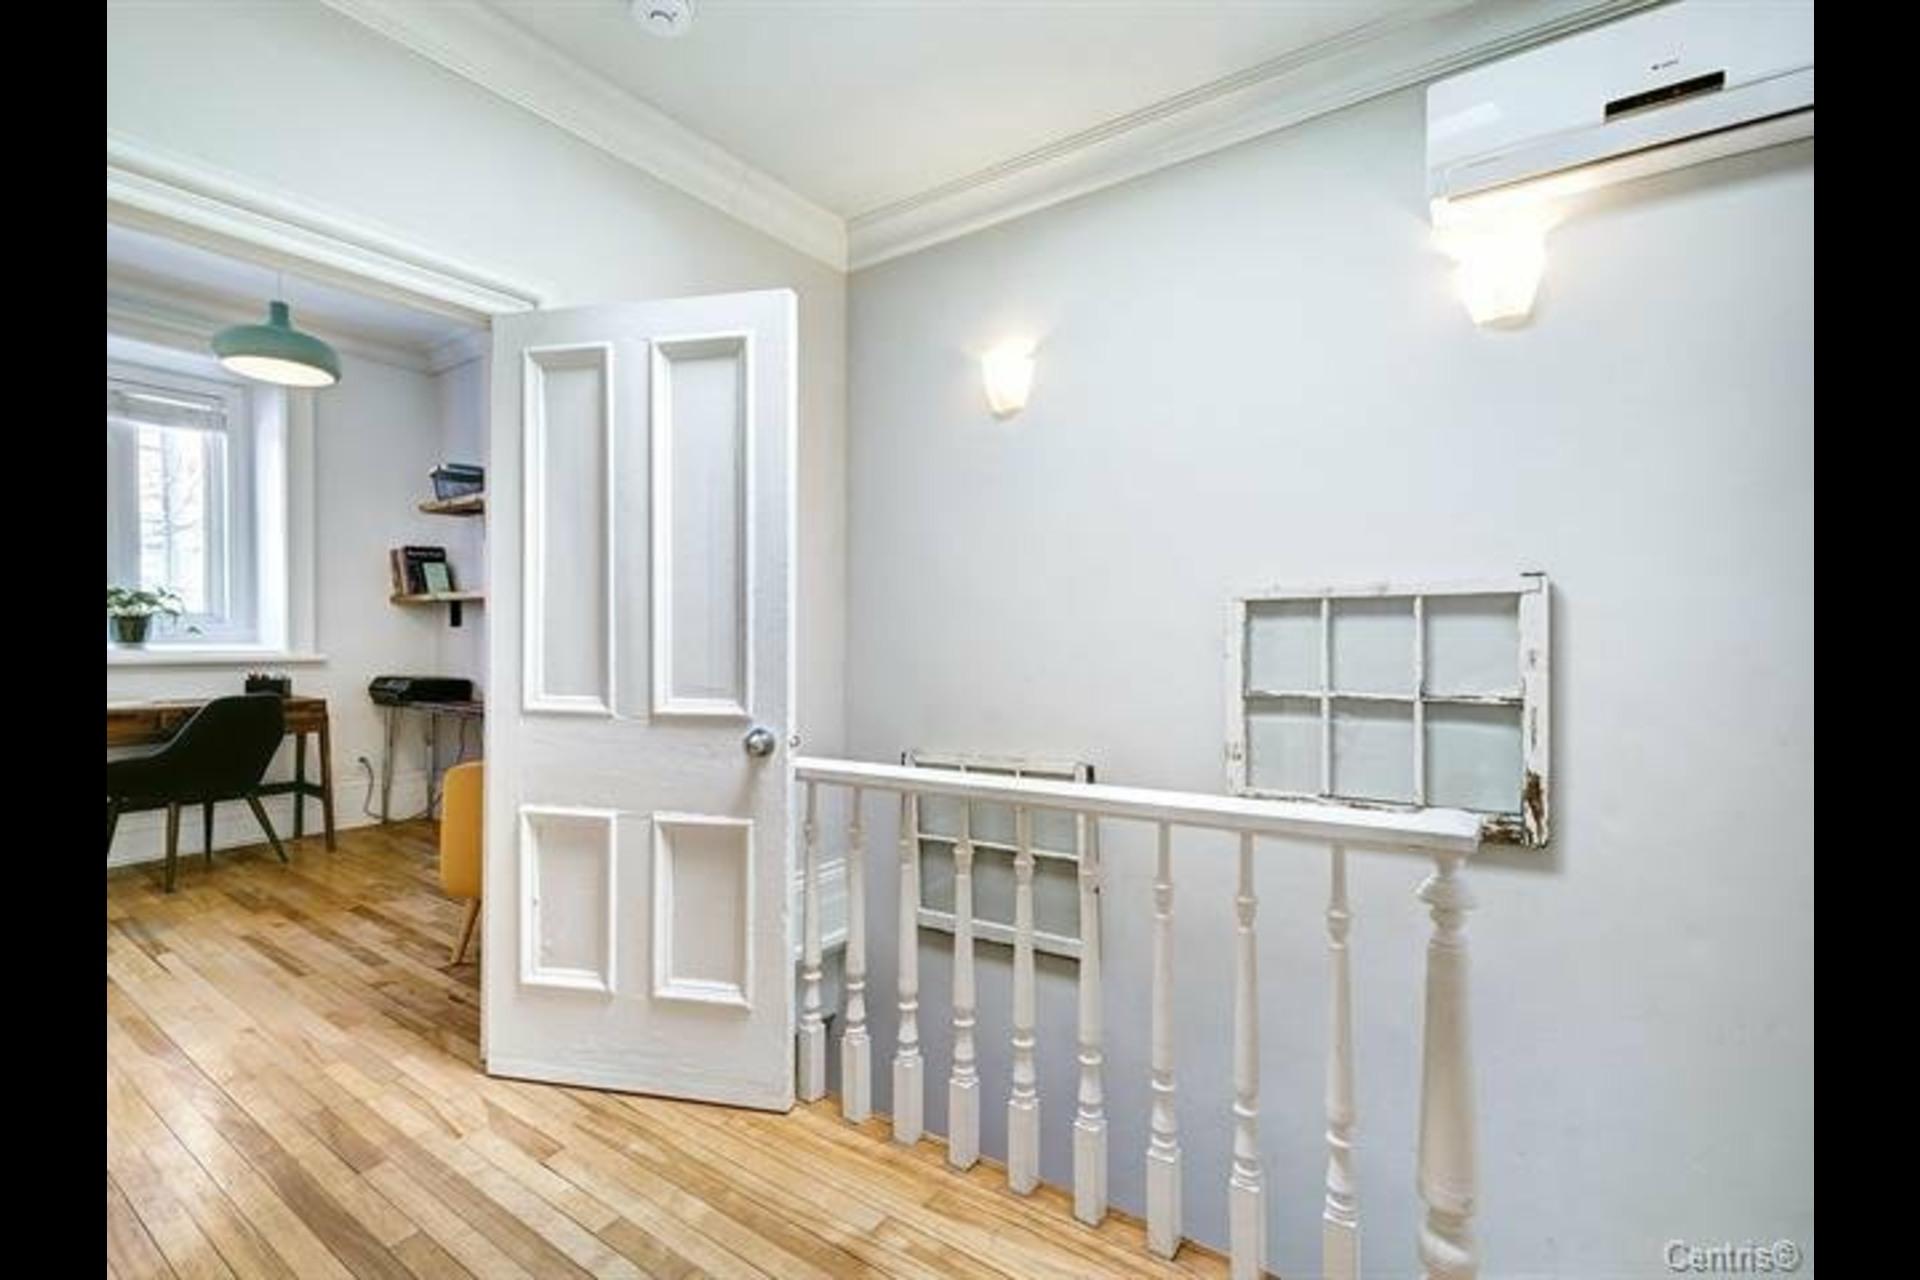 image 21 - Maison À vendre Le Plateau-Mont-Royal Montréal  - 6 pièces